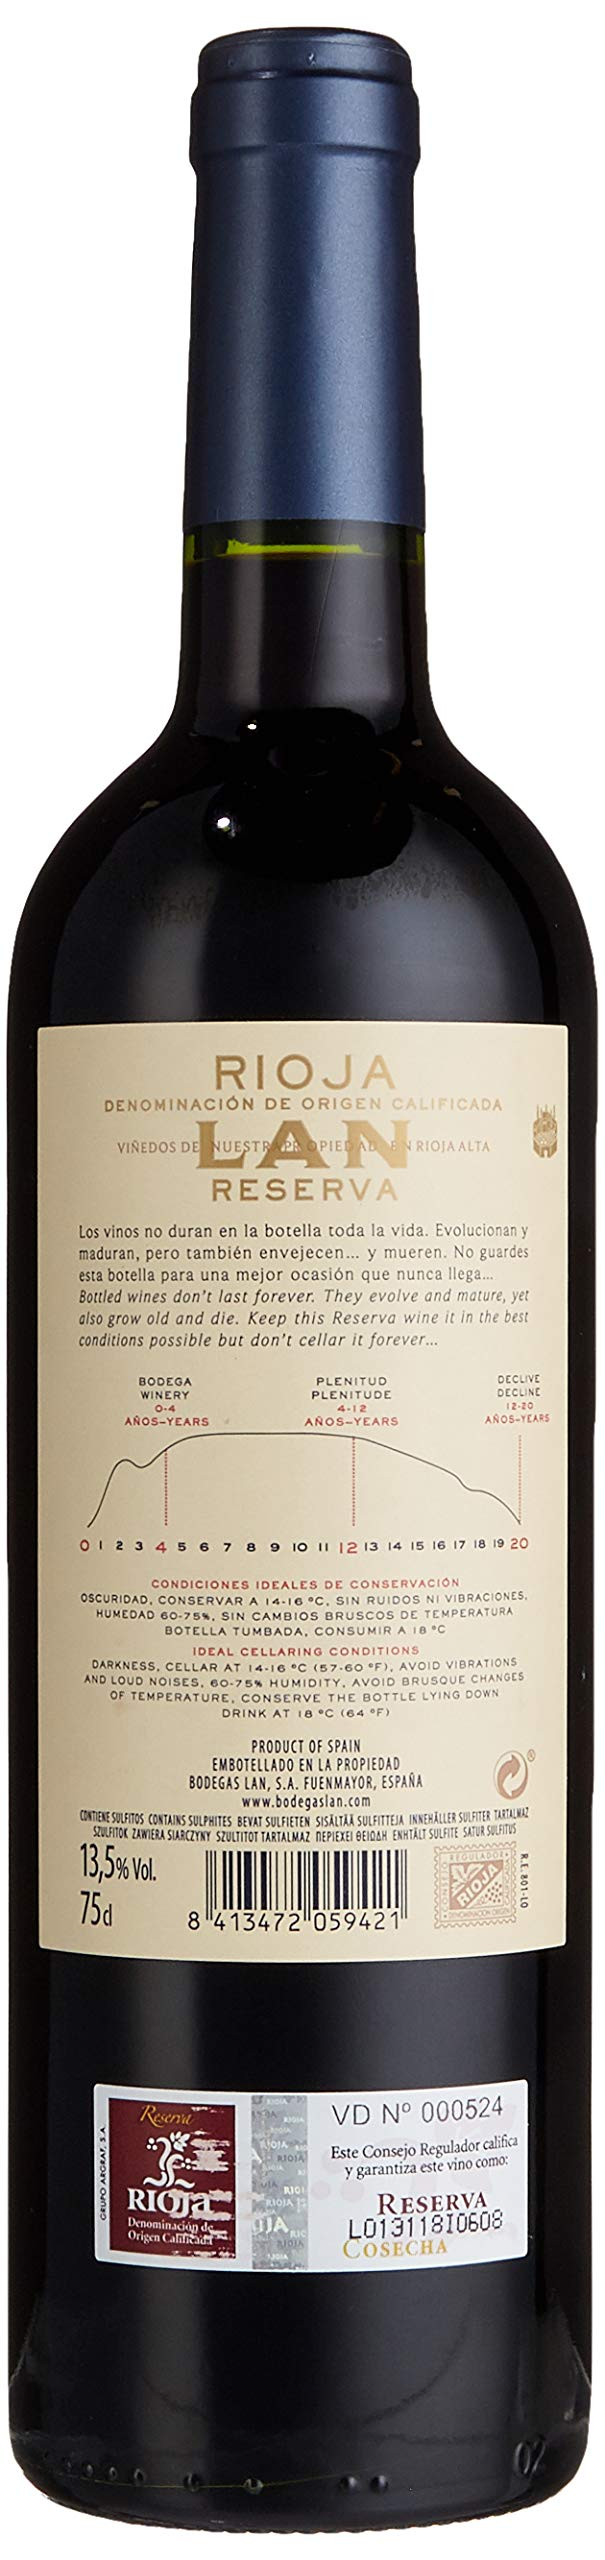 LAN-Reserva-DOC-Rioja-75-cl-Rotwein-2010-trocken-3-x-075-l